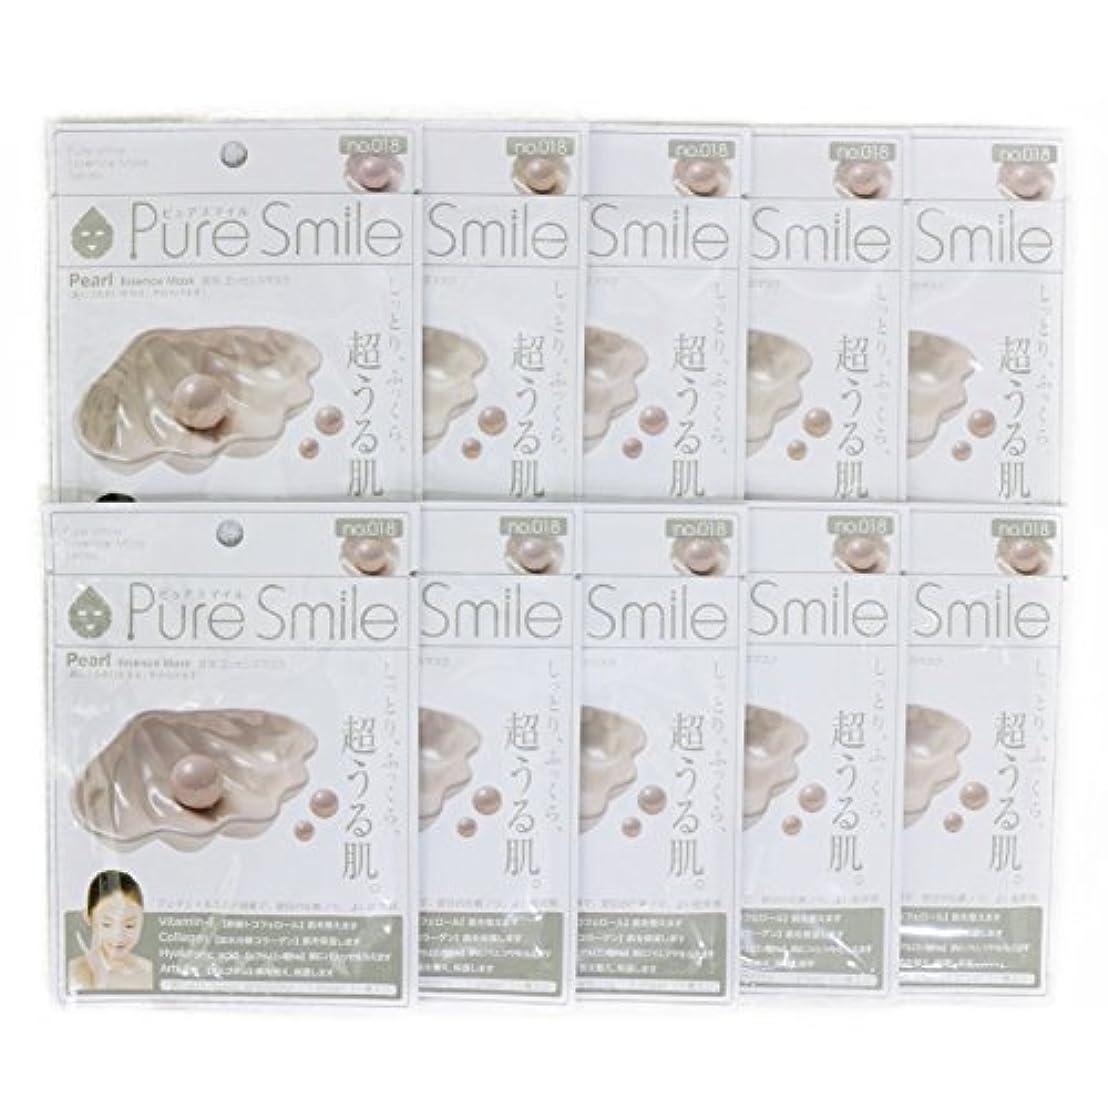 立ち寄る危険にさらされている適合するPure Smile ピュアスマイル エッセンスマスク 真珠 10枚セット